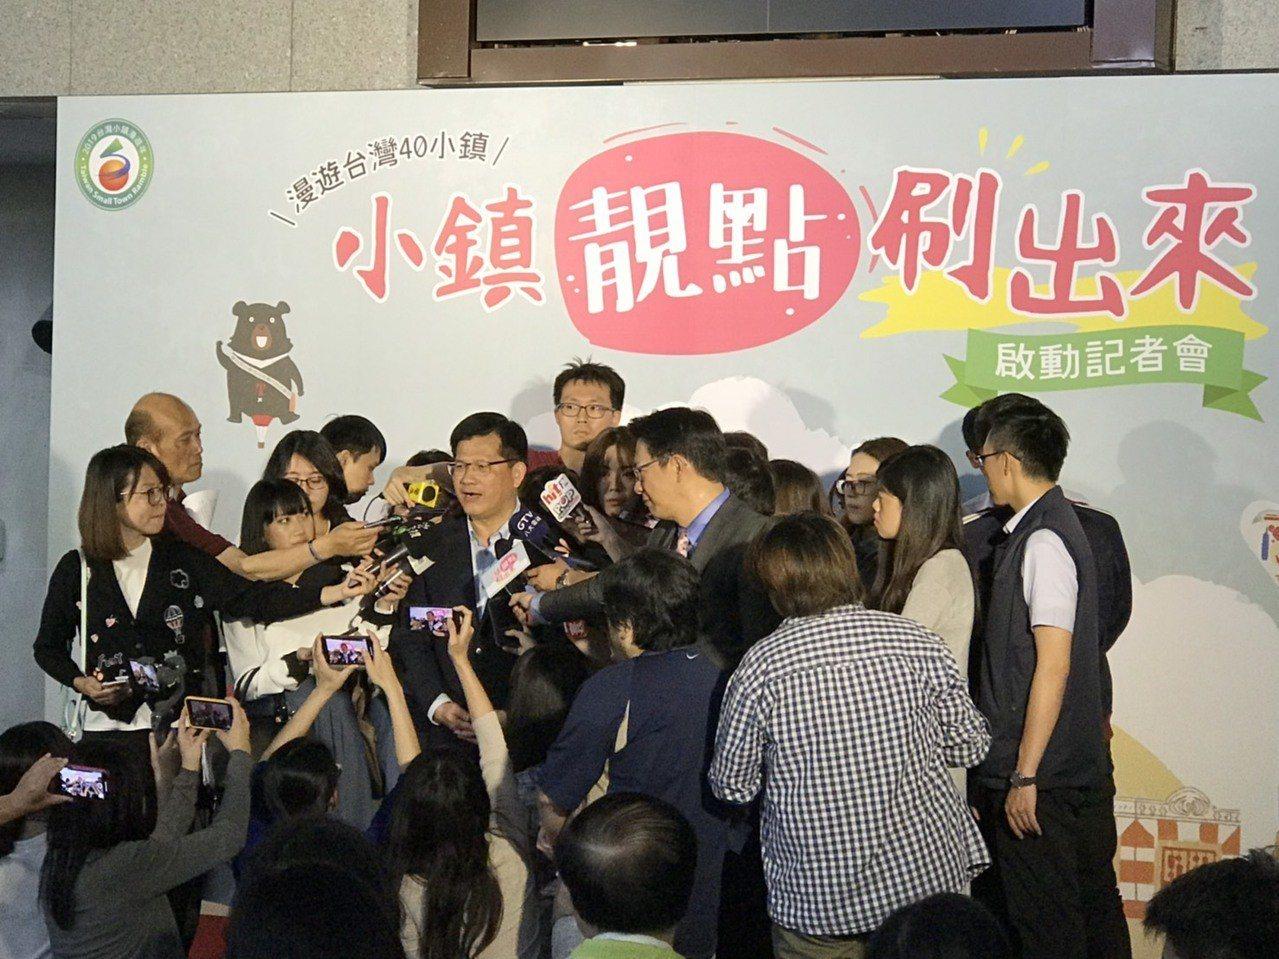 交通部長林佳龍在觀光局「台灣小鎮新靚點」記者會後受訪。 圖/觀光局提供